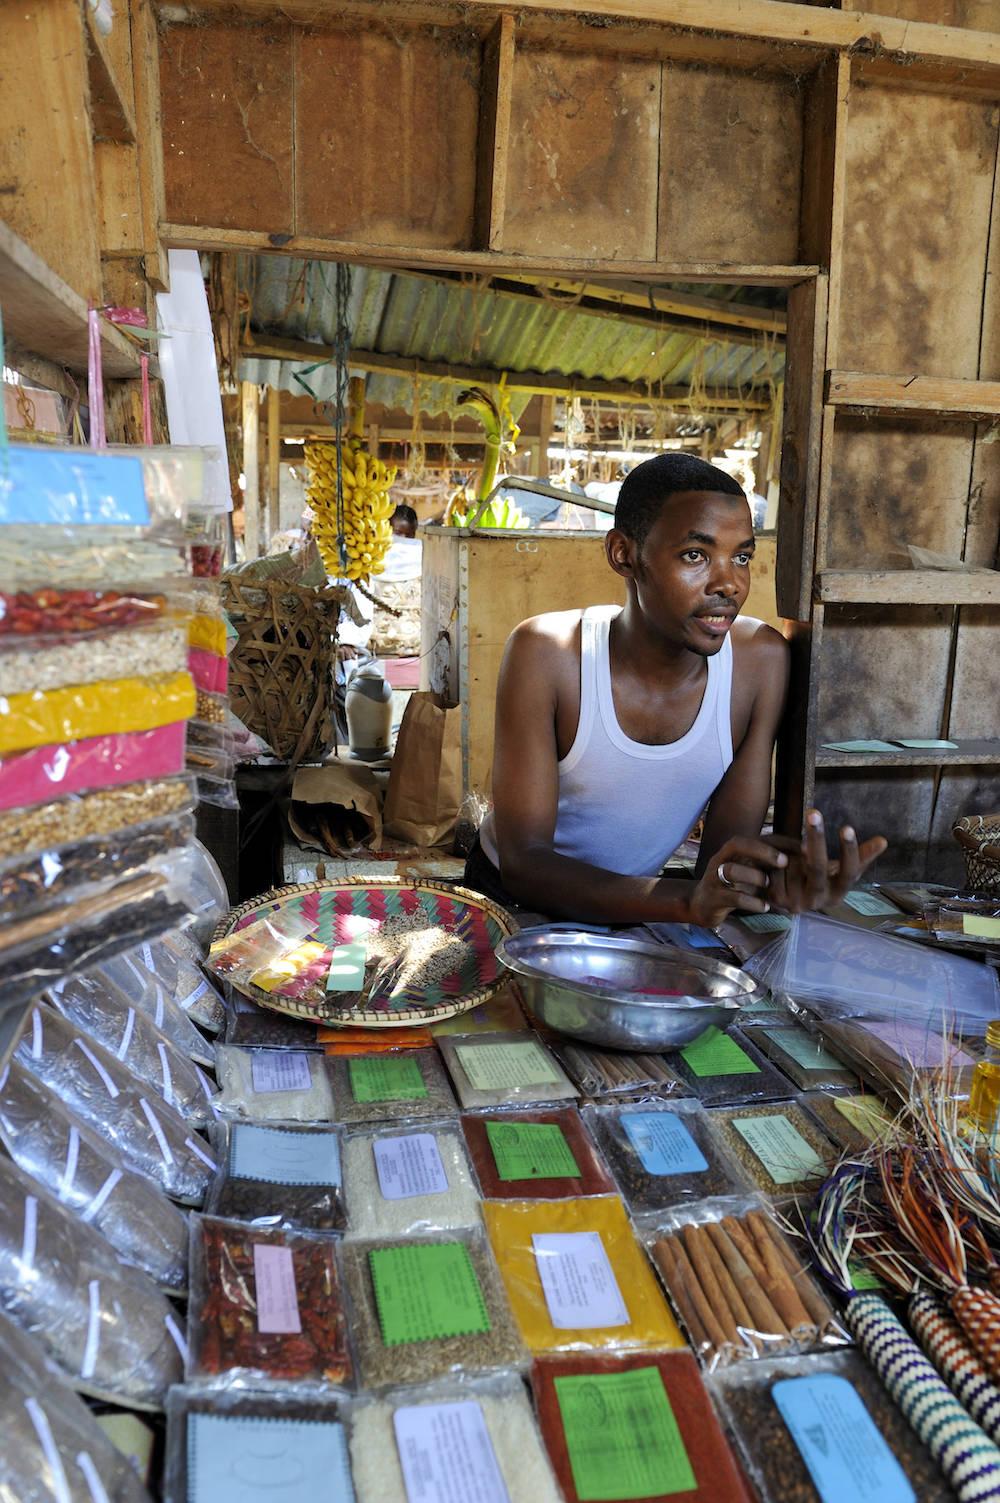 Zimt, Nelken, Chili, Kardamom: Sansibar ist berühmt für seine Gewürze